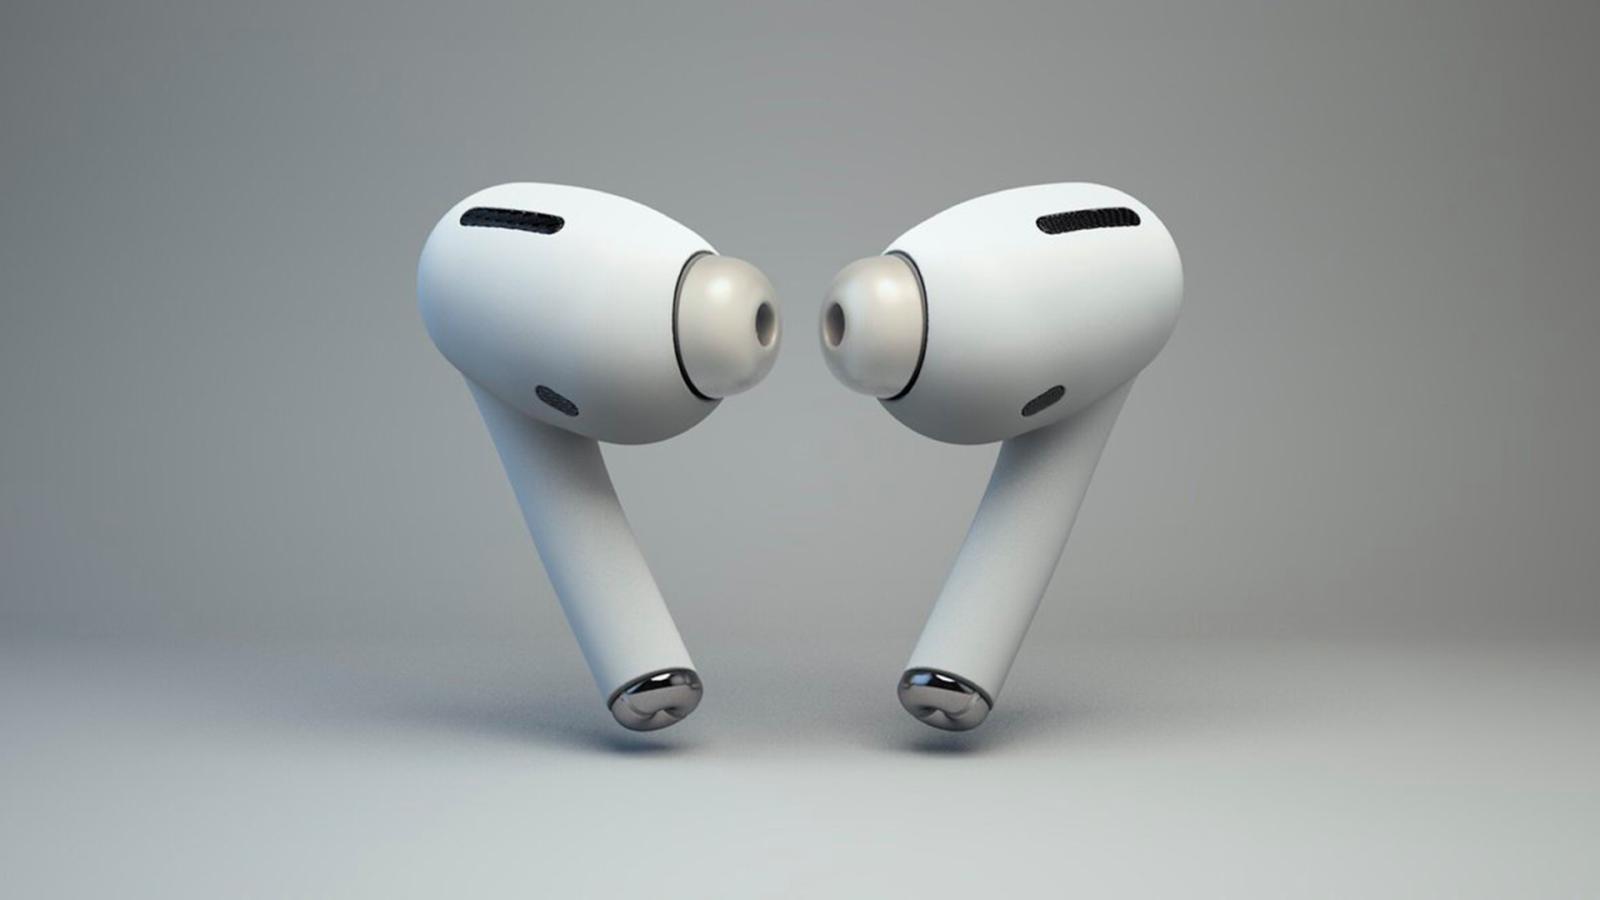 Apple выпустит AirPods Pro в цветах новых iPhone 11 Pro